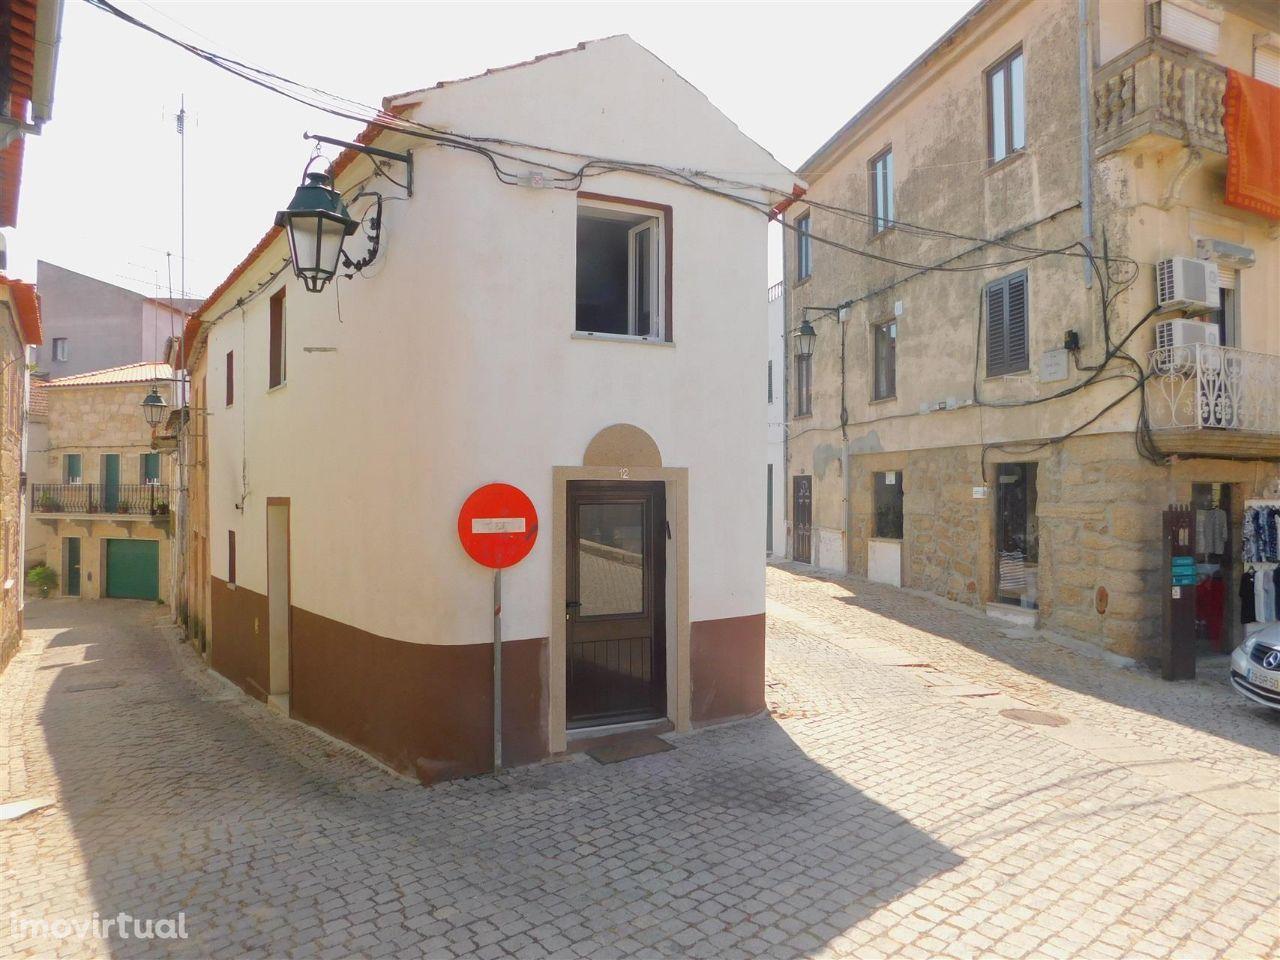 Moradia totalmente restaurada no centro histórico de Belmonte.